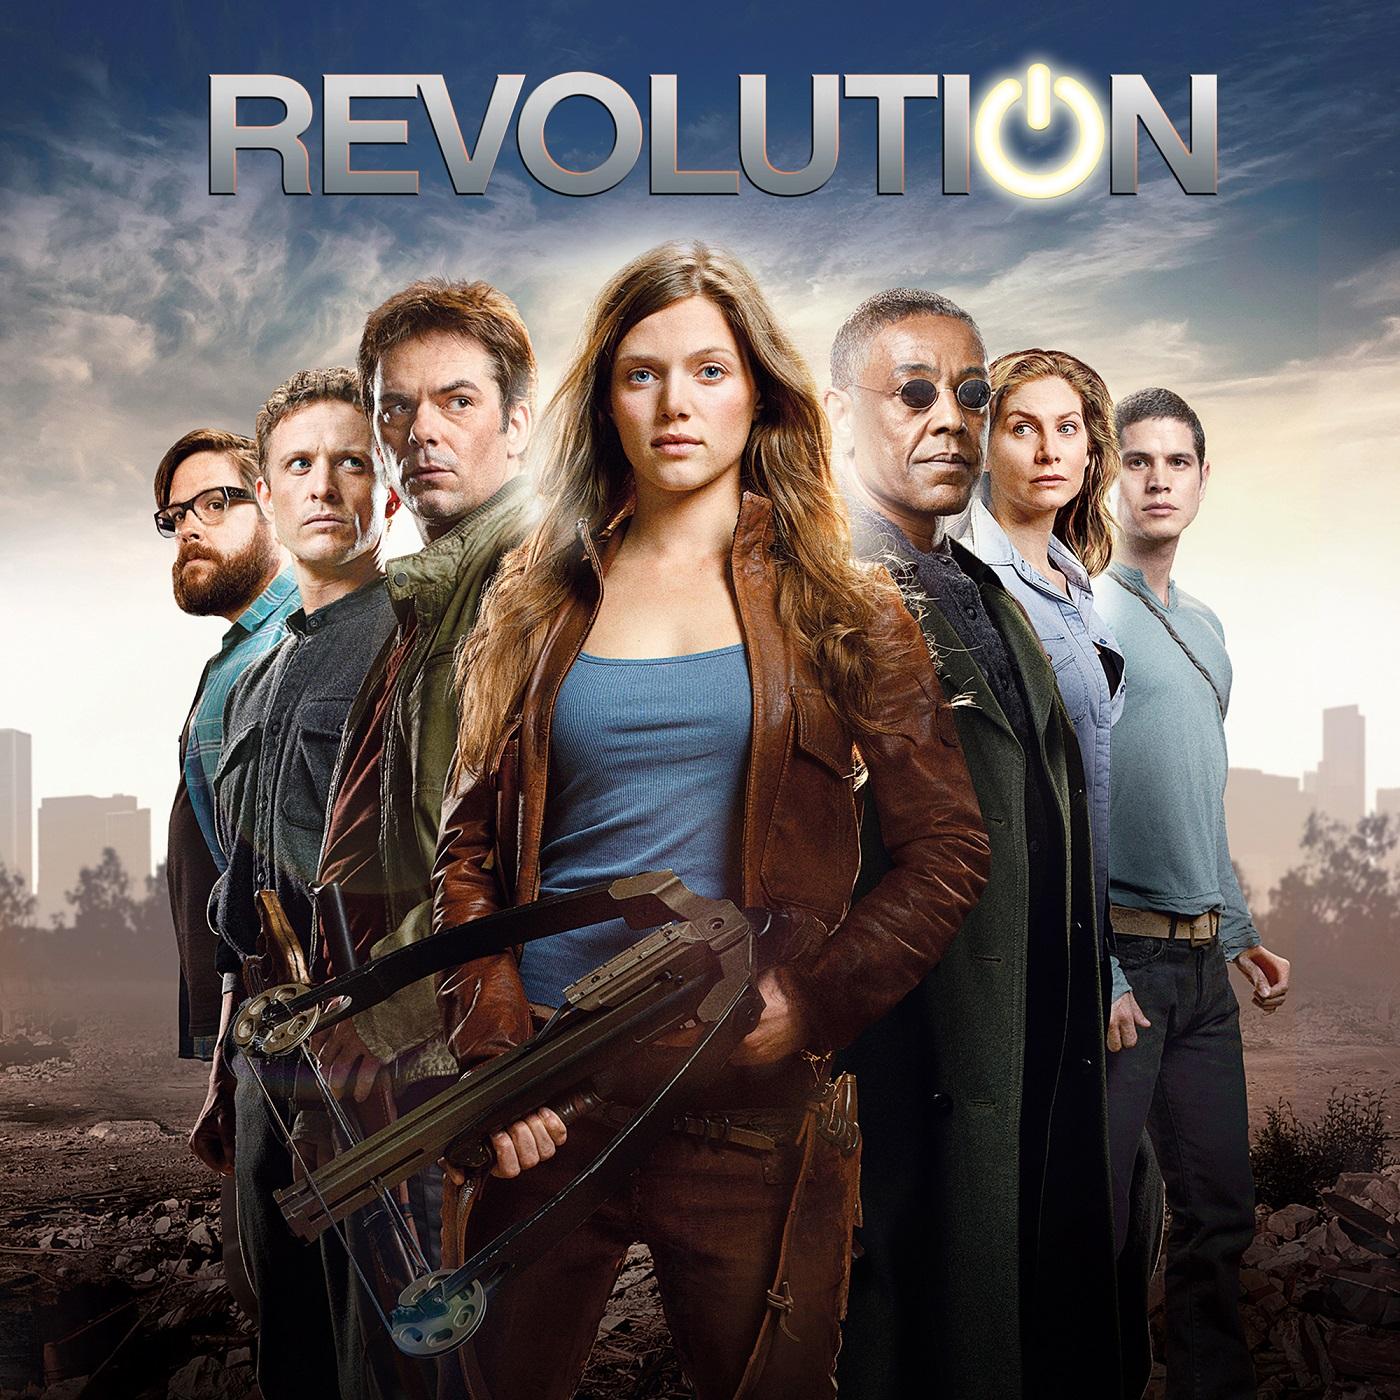 Revolution Seasons 01-02 BDRip | S02 HDTV Jxhr